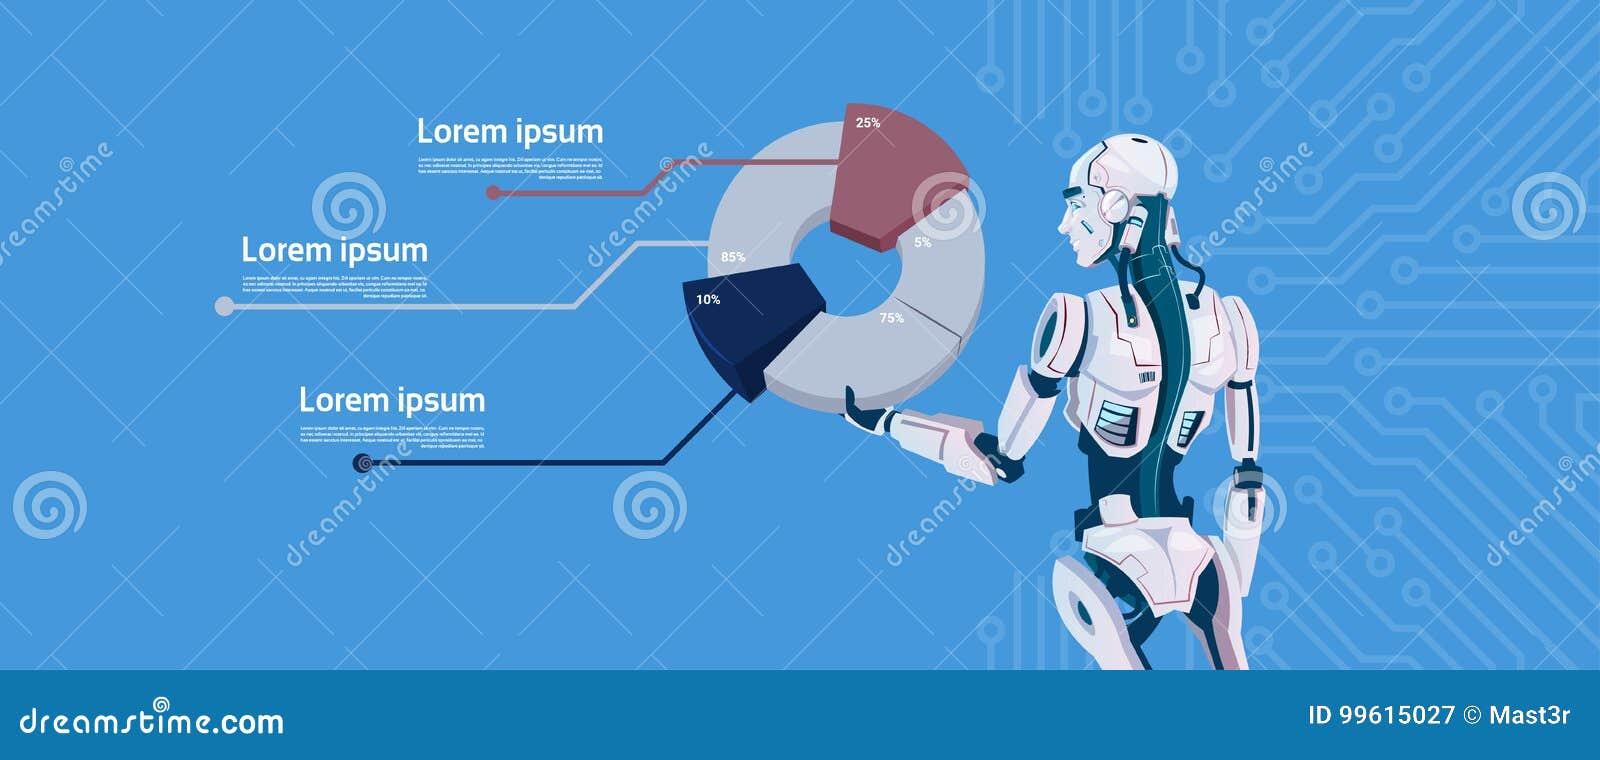 Diagramma grafico della tenuta moderna del robot, tecnologia futuristica del meccanismo di intelligenza artificiale